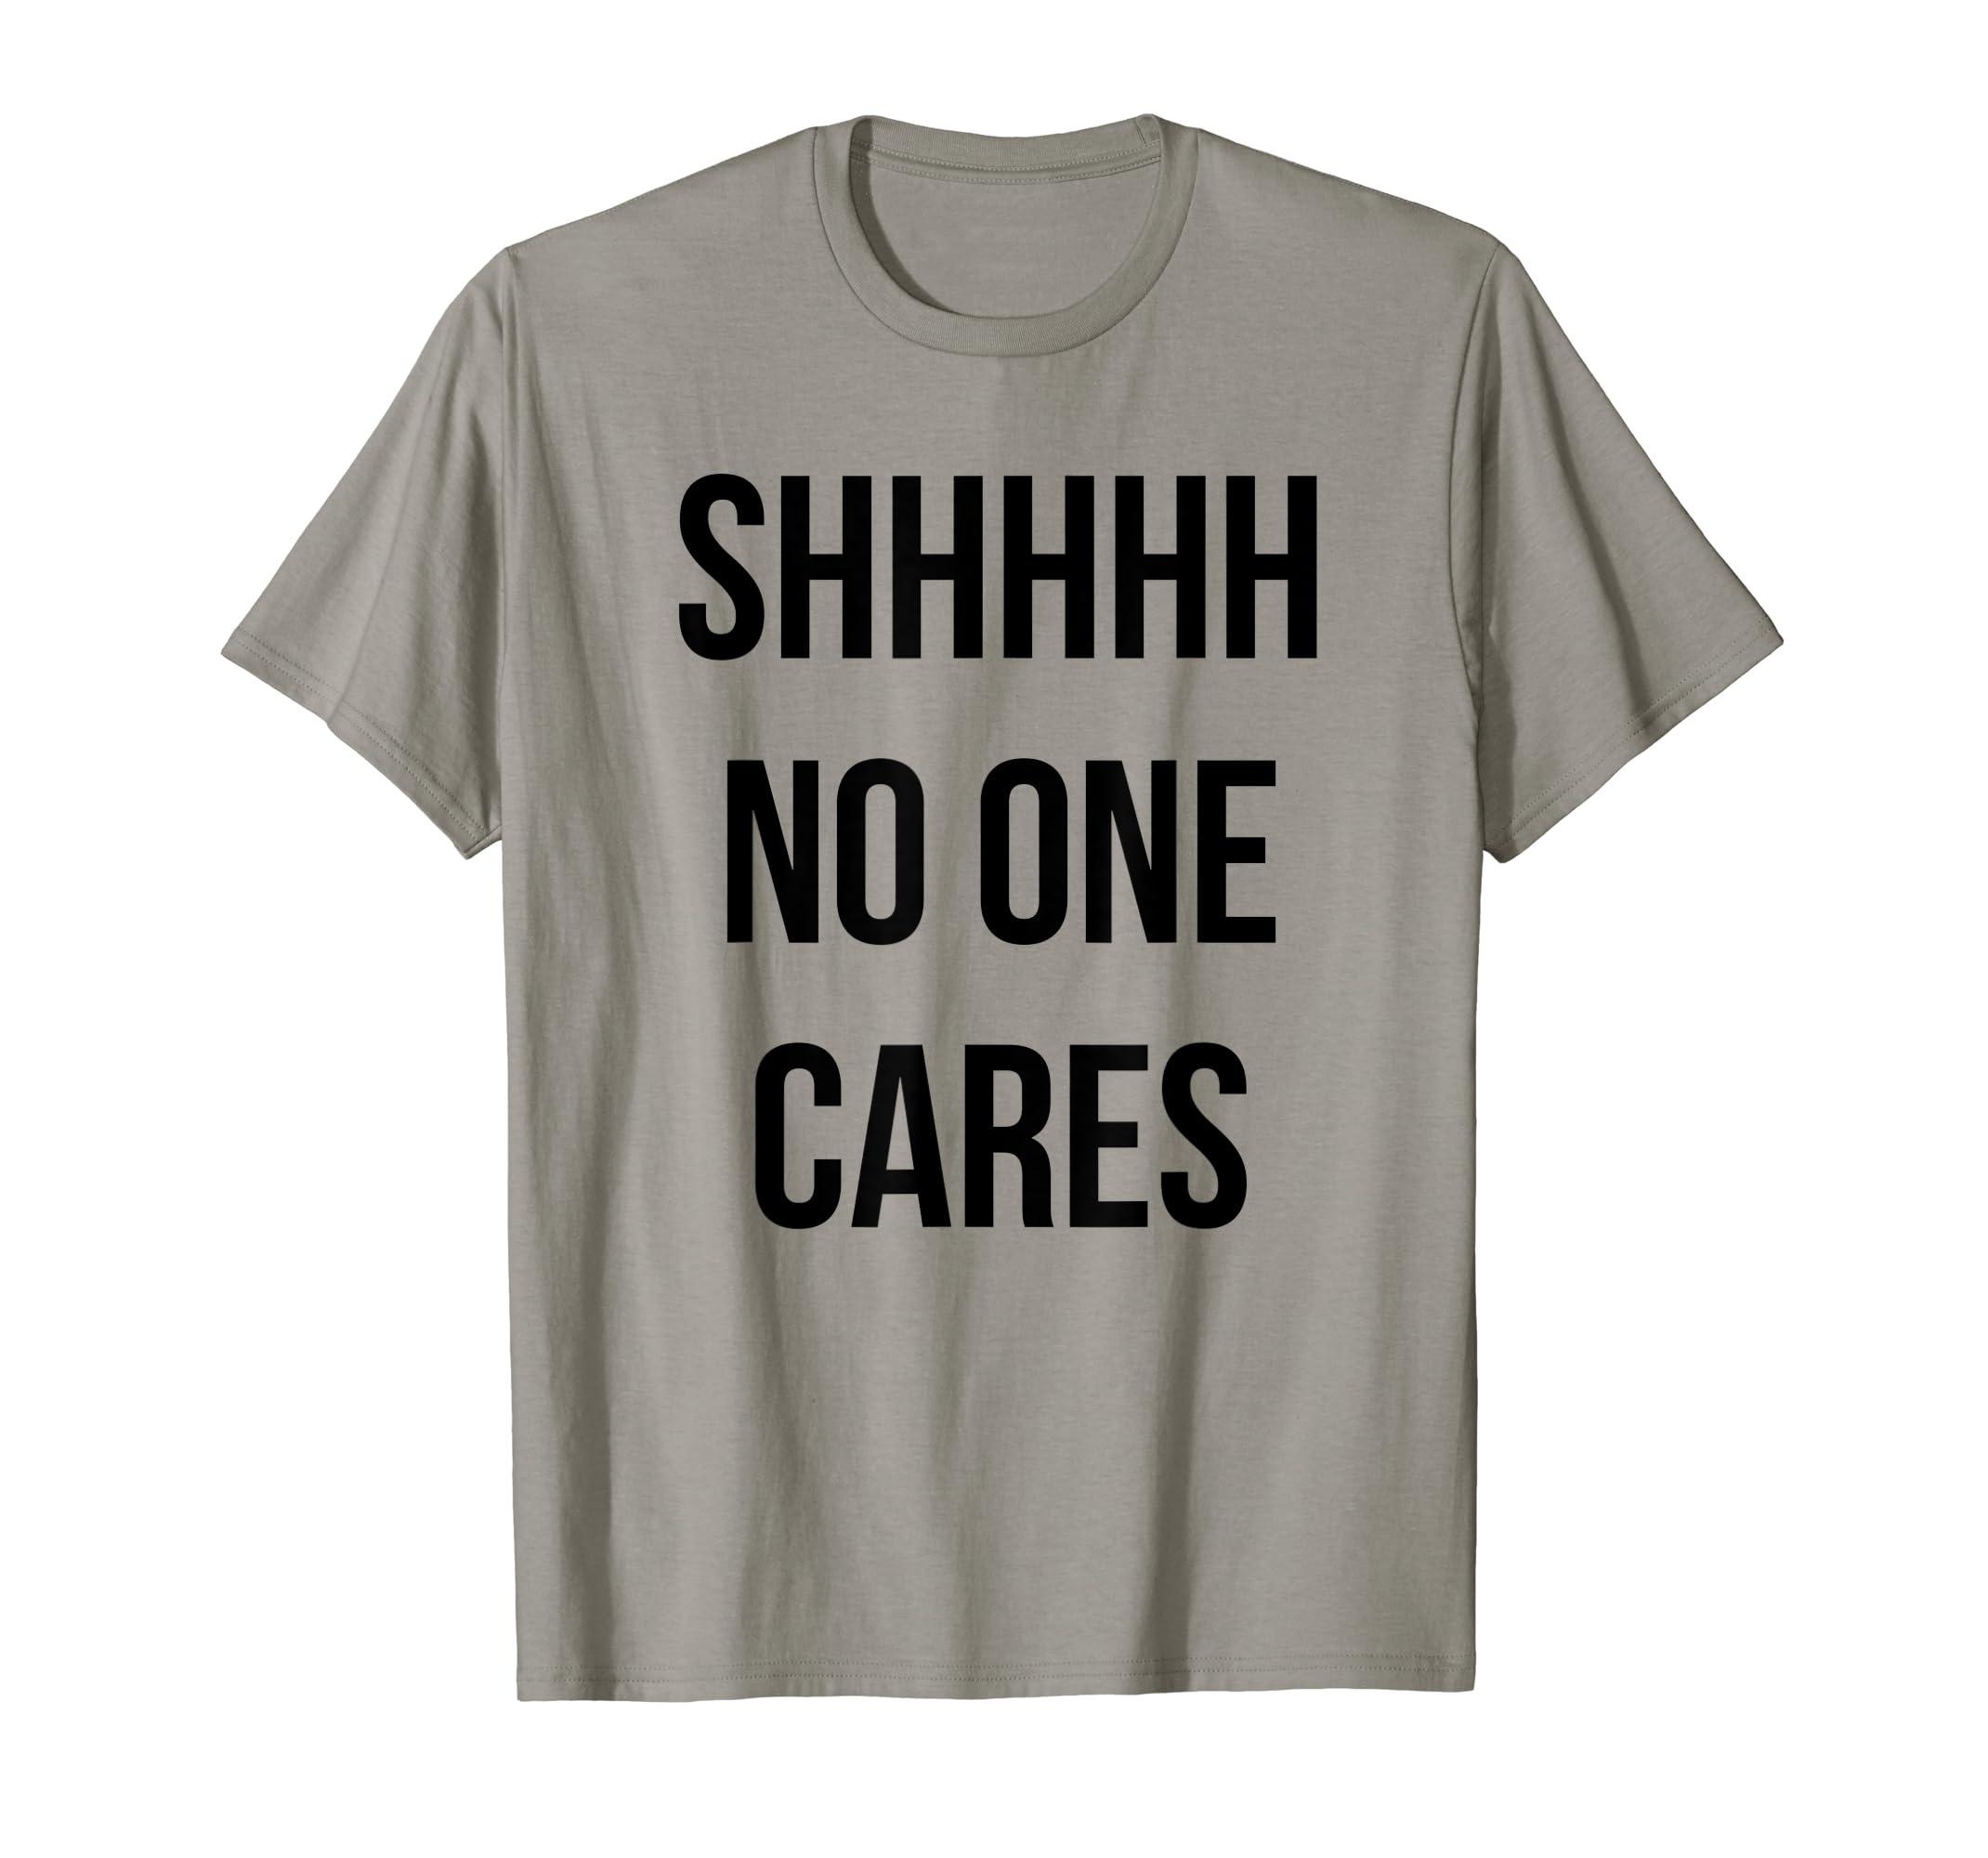 91f66047 Amazon.com: Funny T-shirt - Shhh No One Cares: Clothing